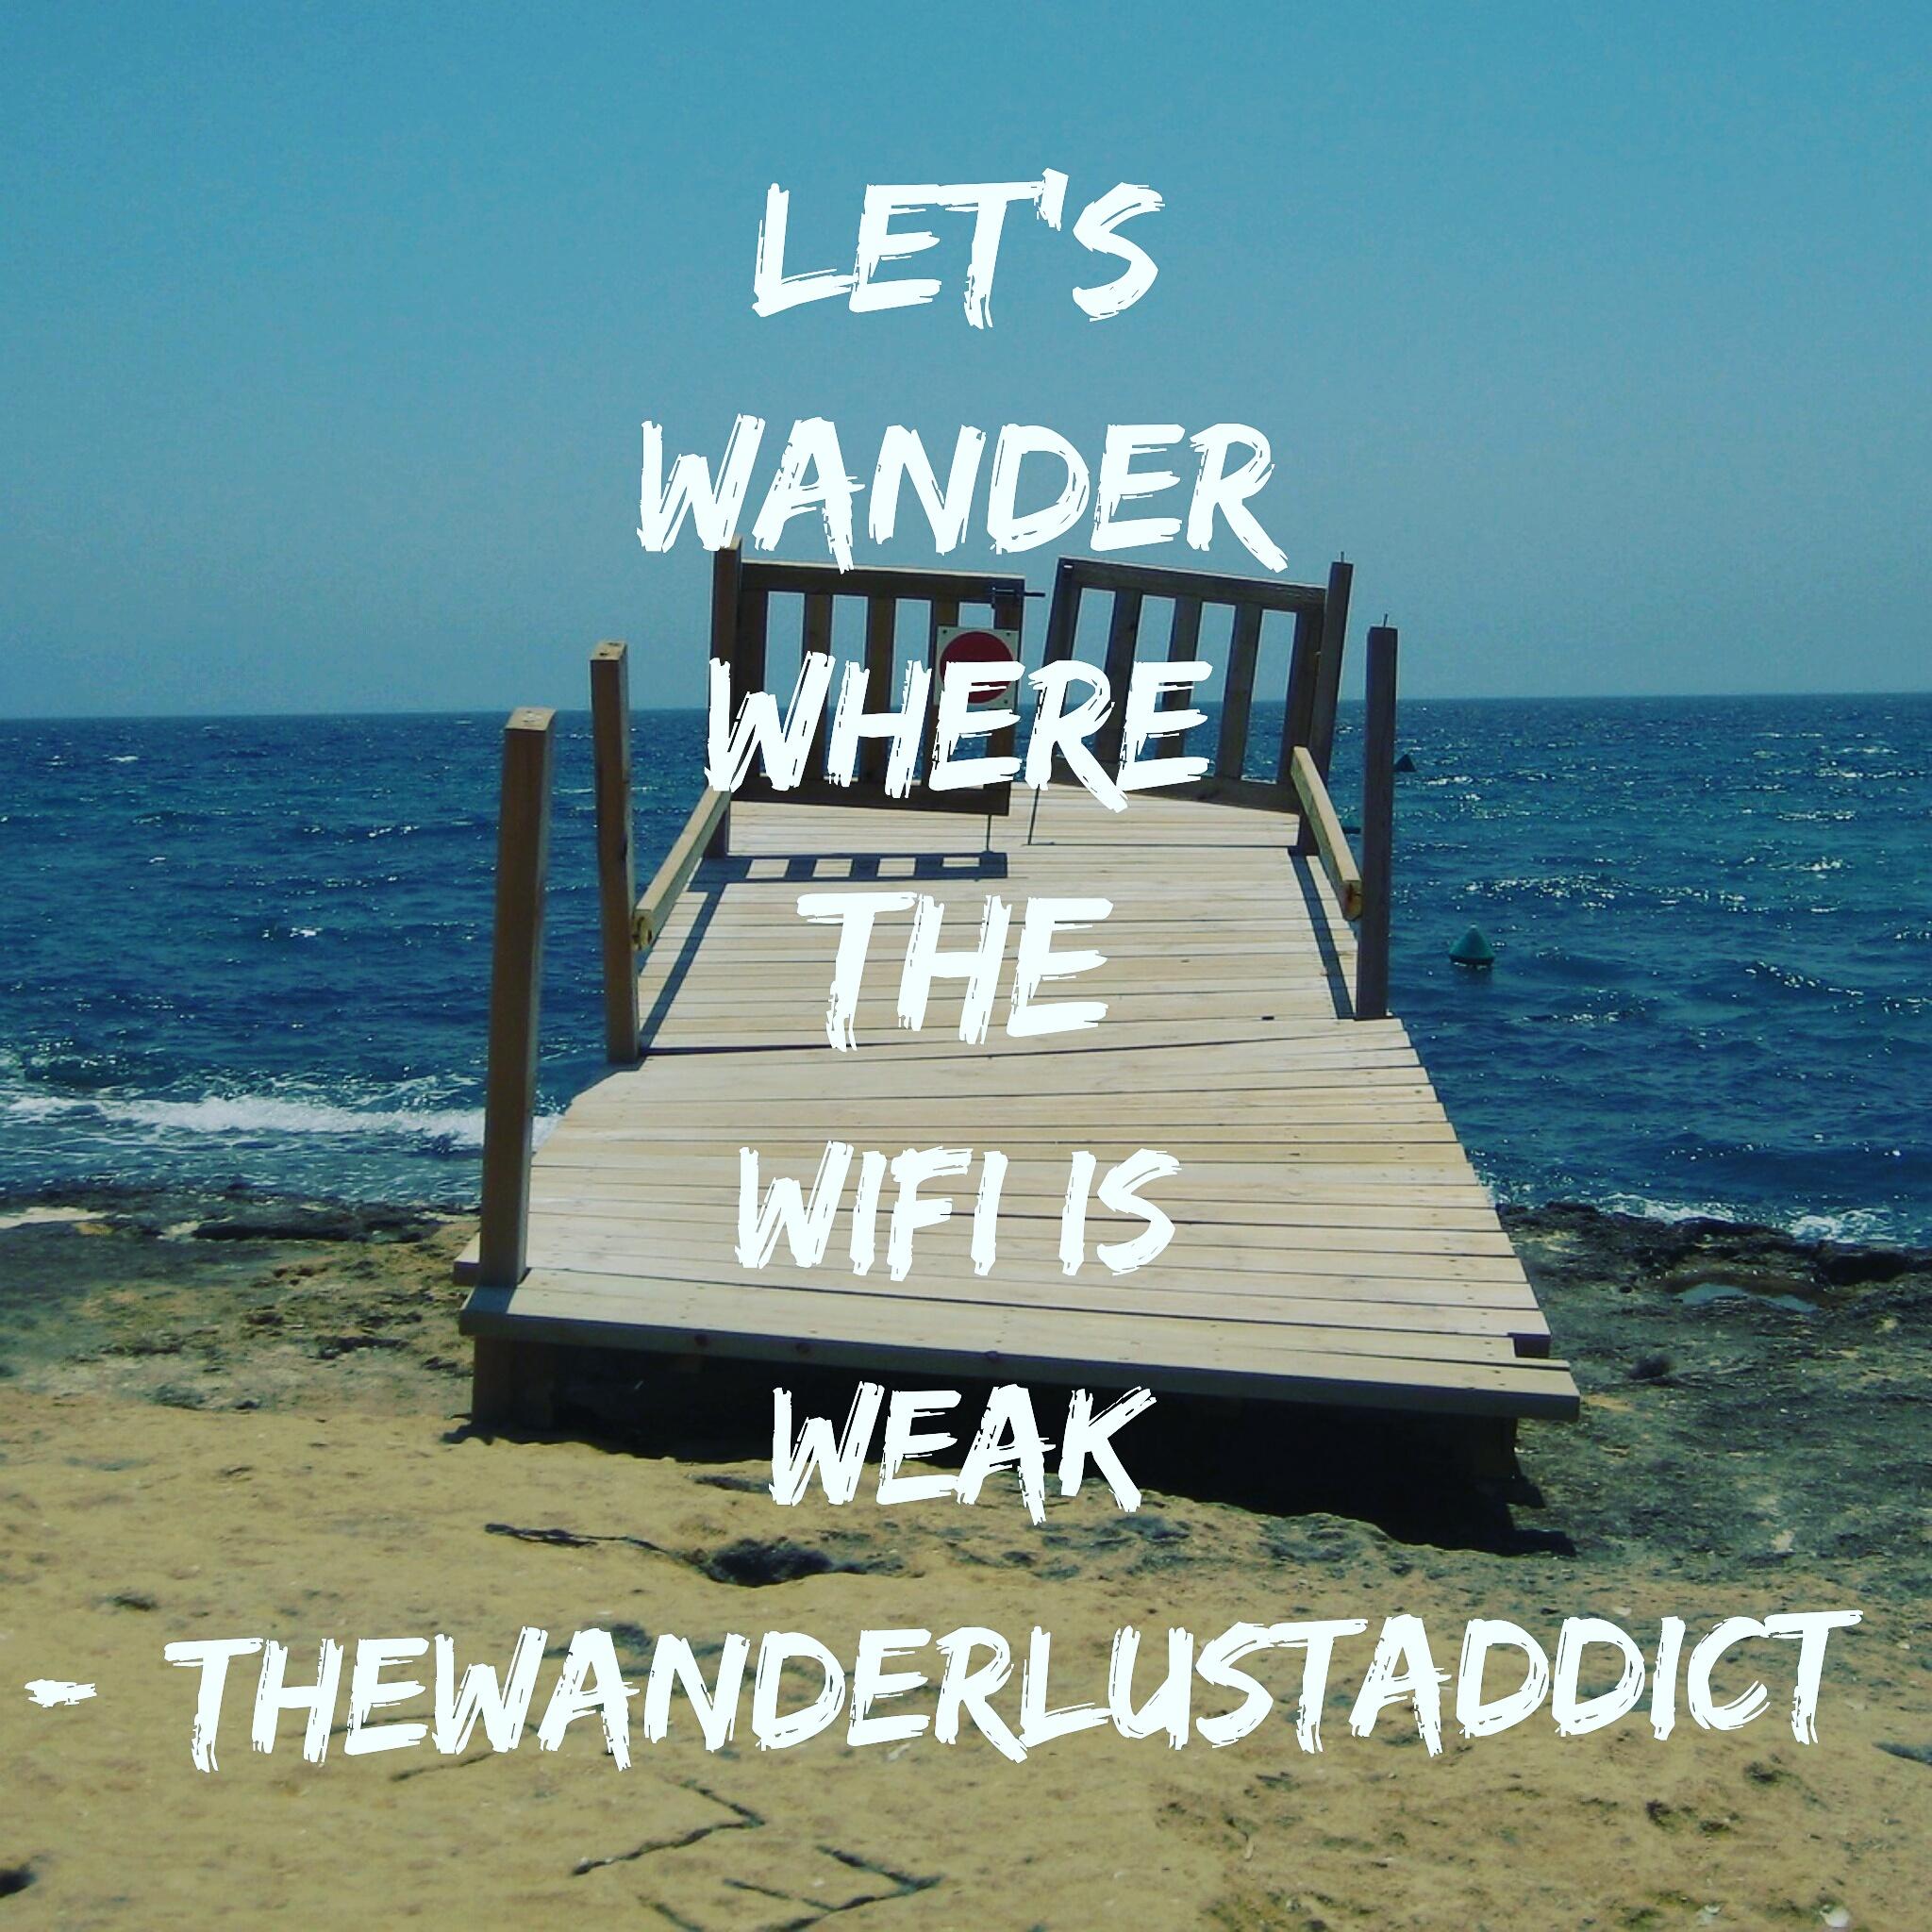 Let's wander where the wifi is weak